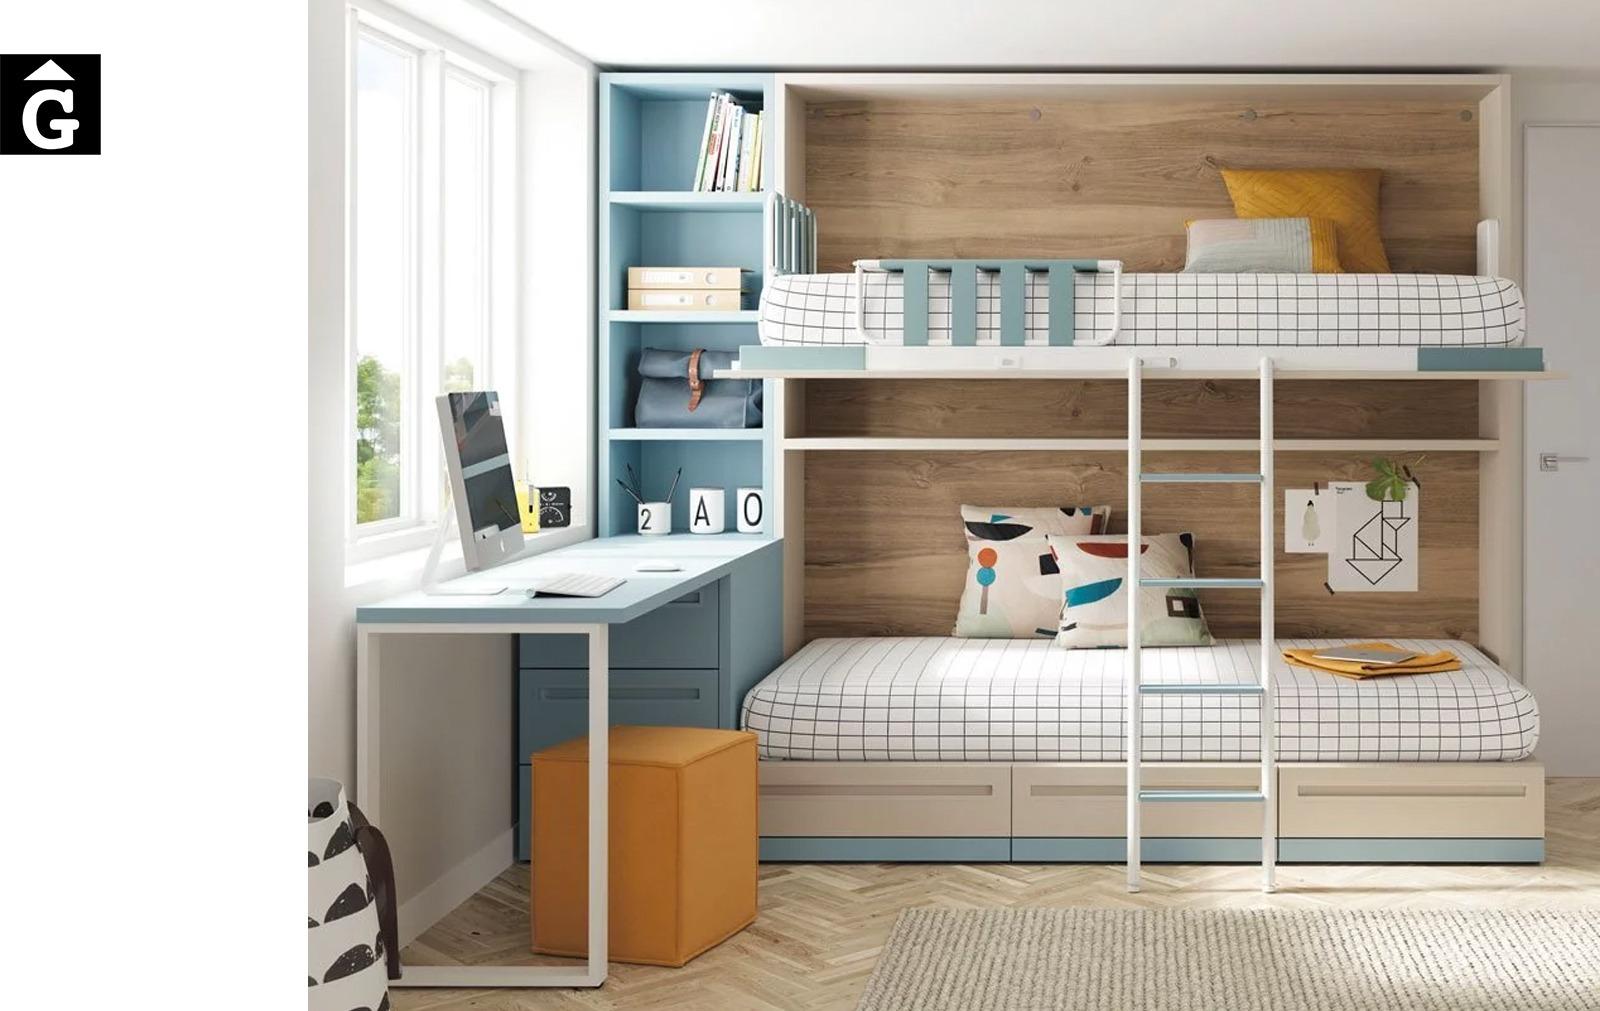 Habitació juvenil area celeste   llit alt obert   Up & Down   llits abatibles   Pràctics, saludables i segurs   Jotajotape   mobles Gifreu